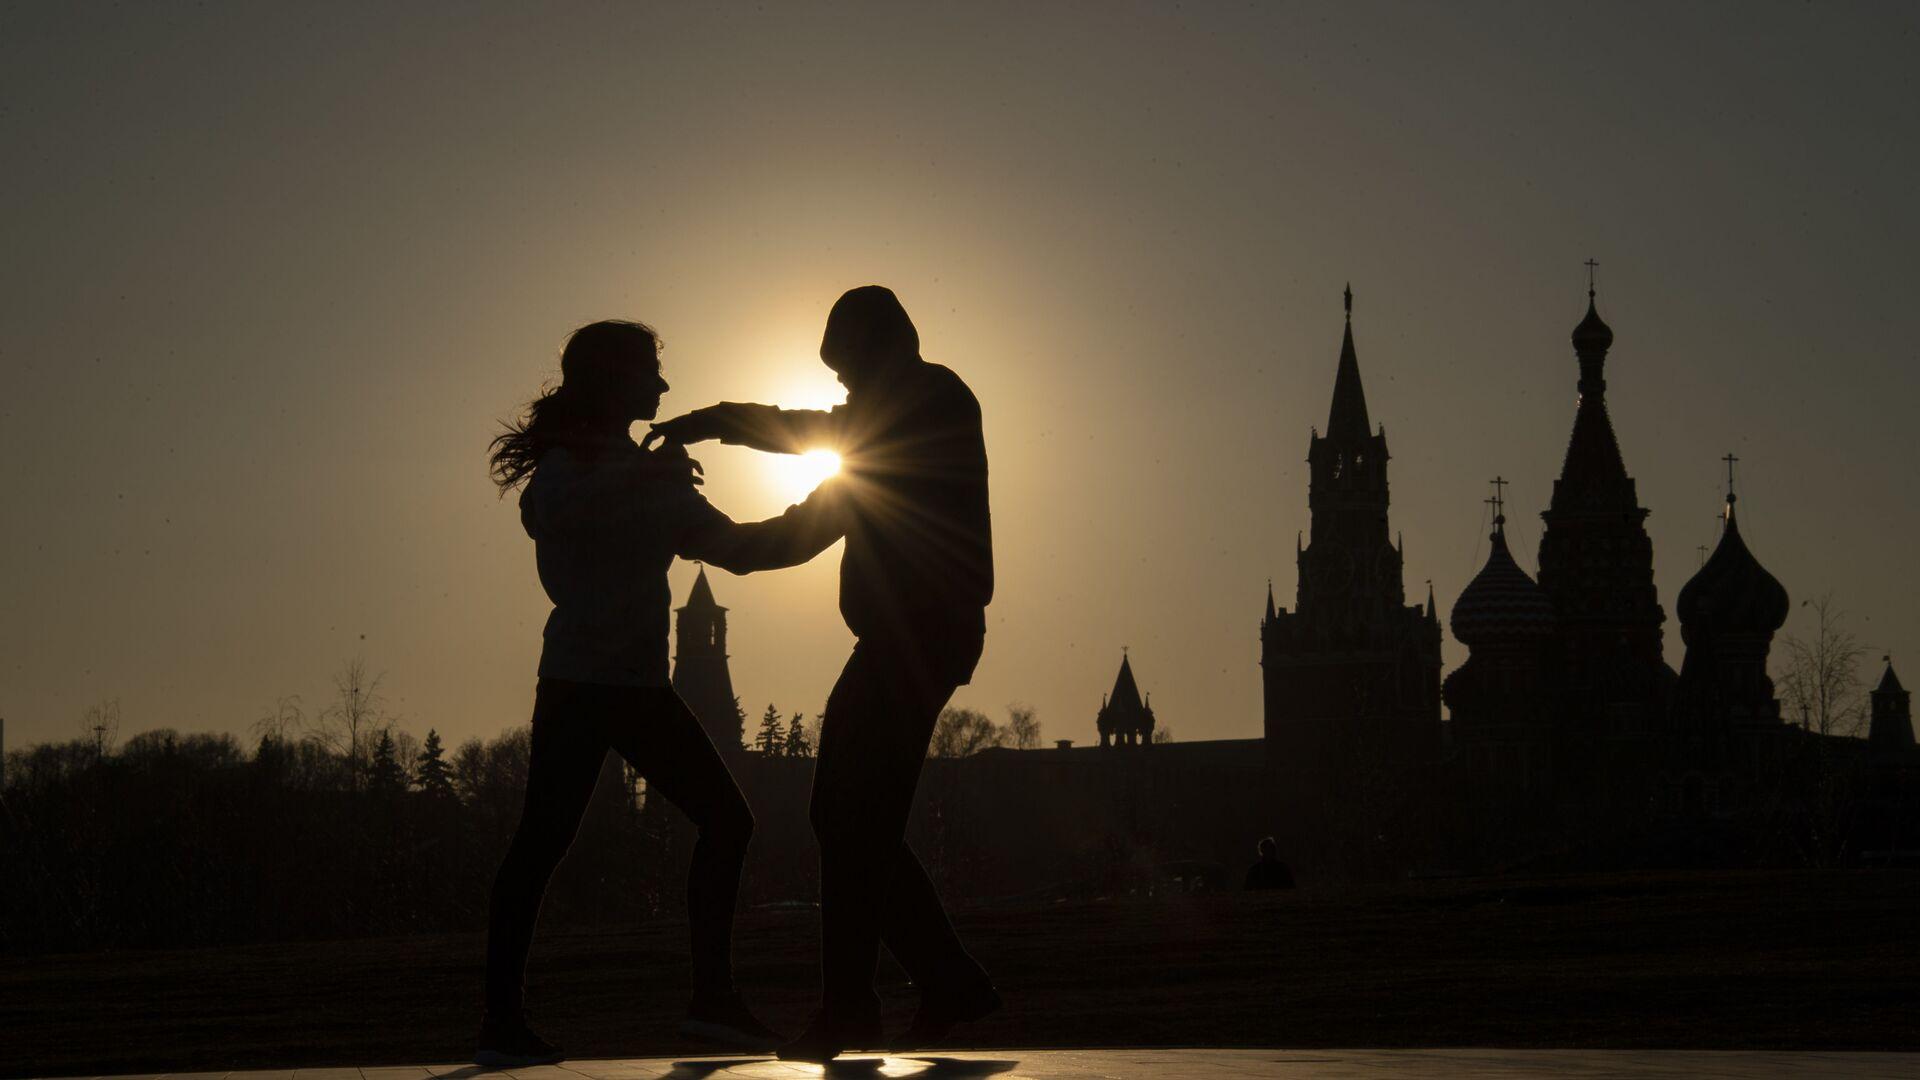 People dancing in Zaryadye Park in Moscow - Sputnik Латвия, 1920, 25.09.2021